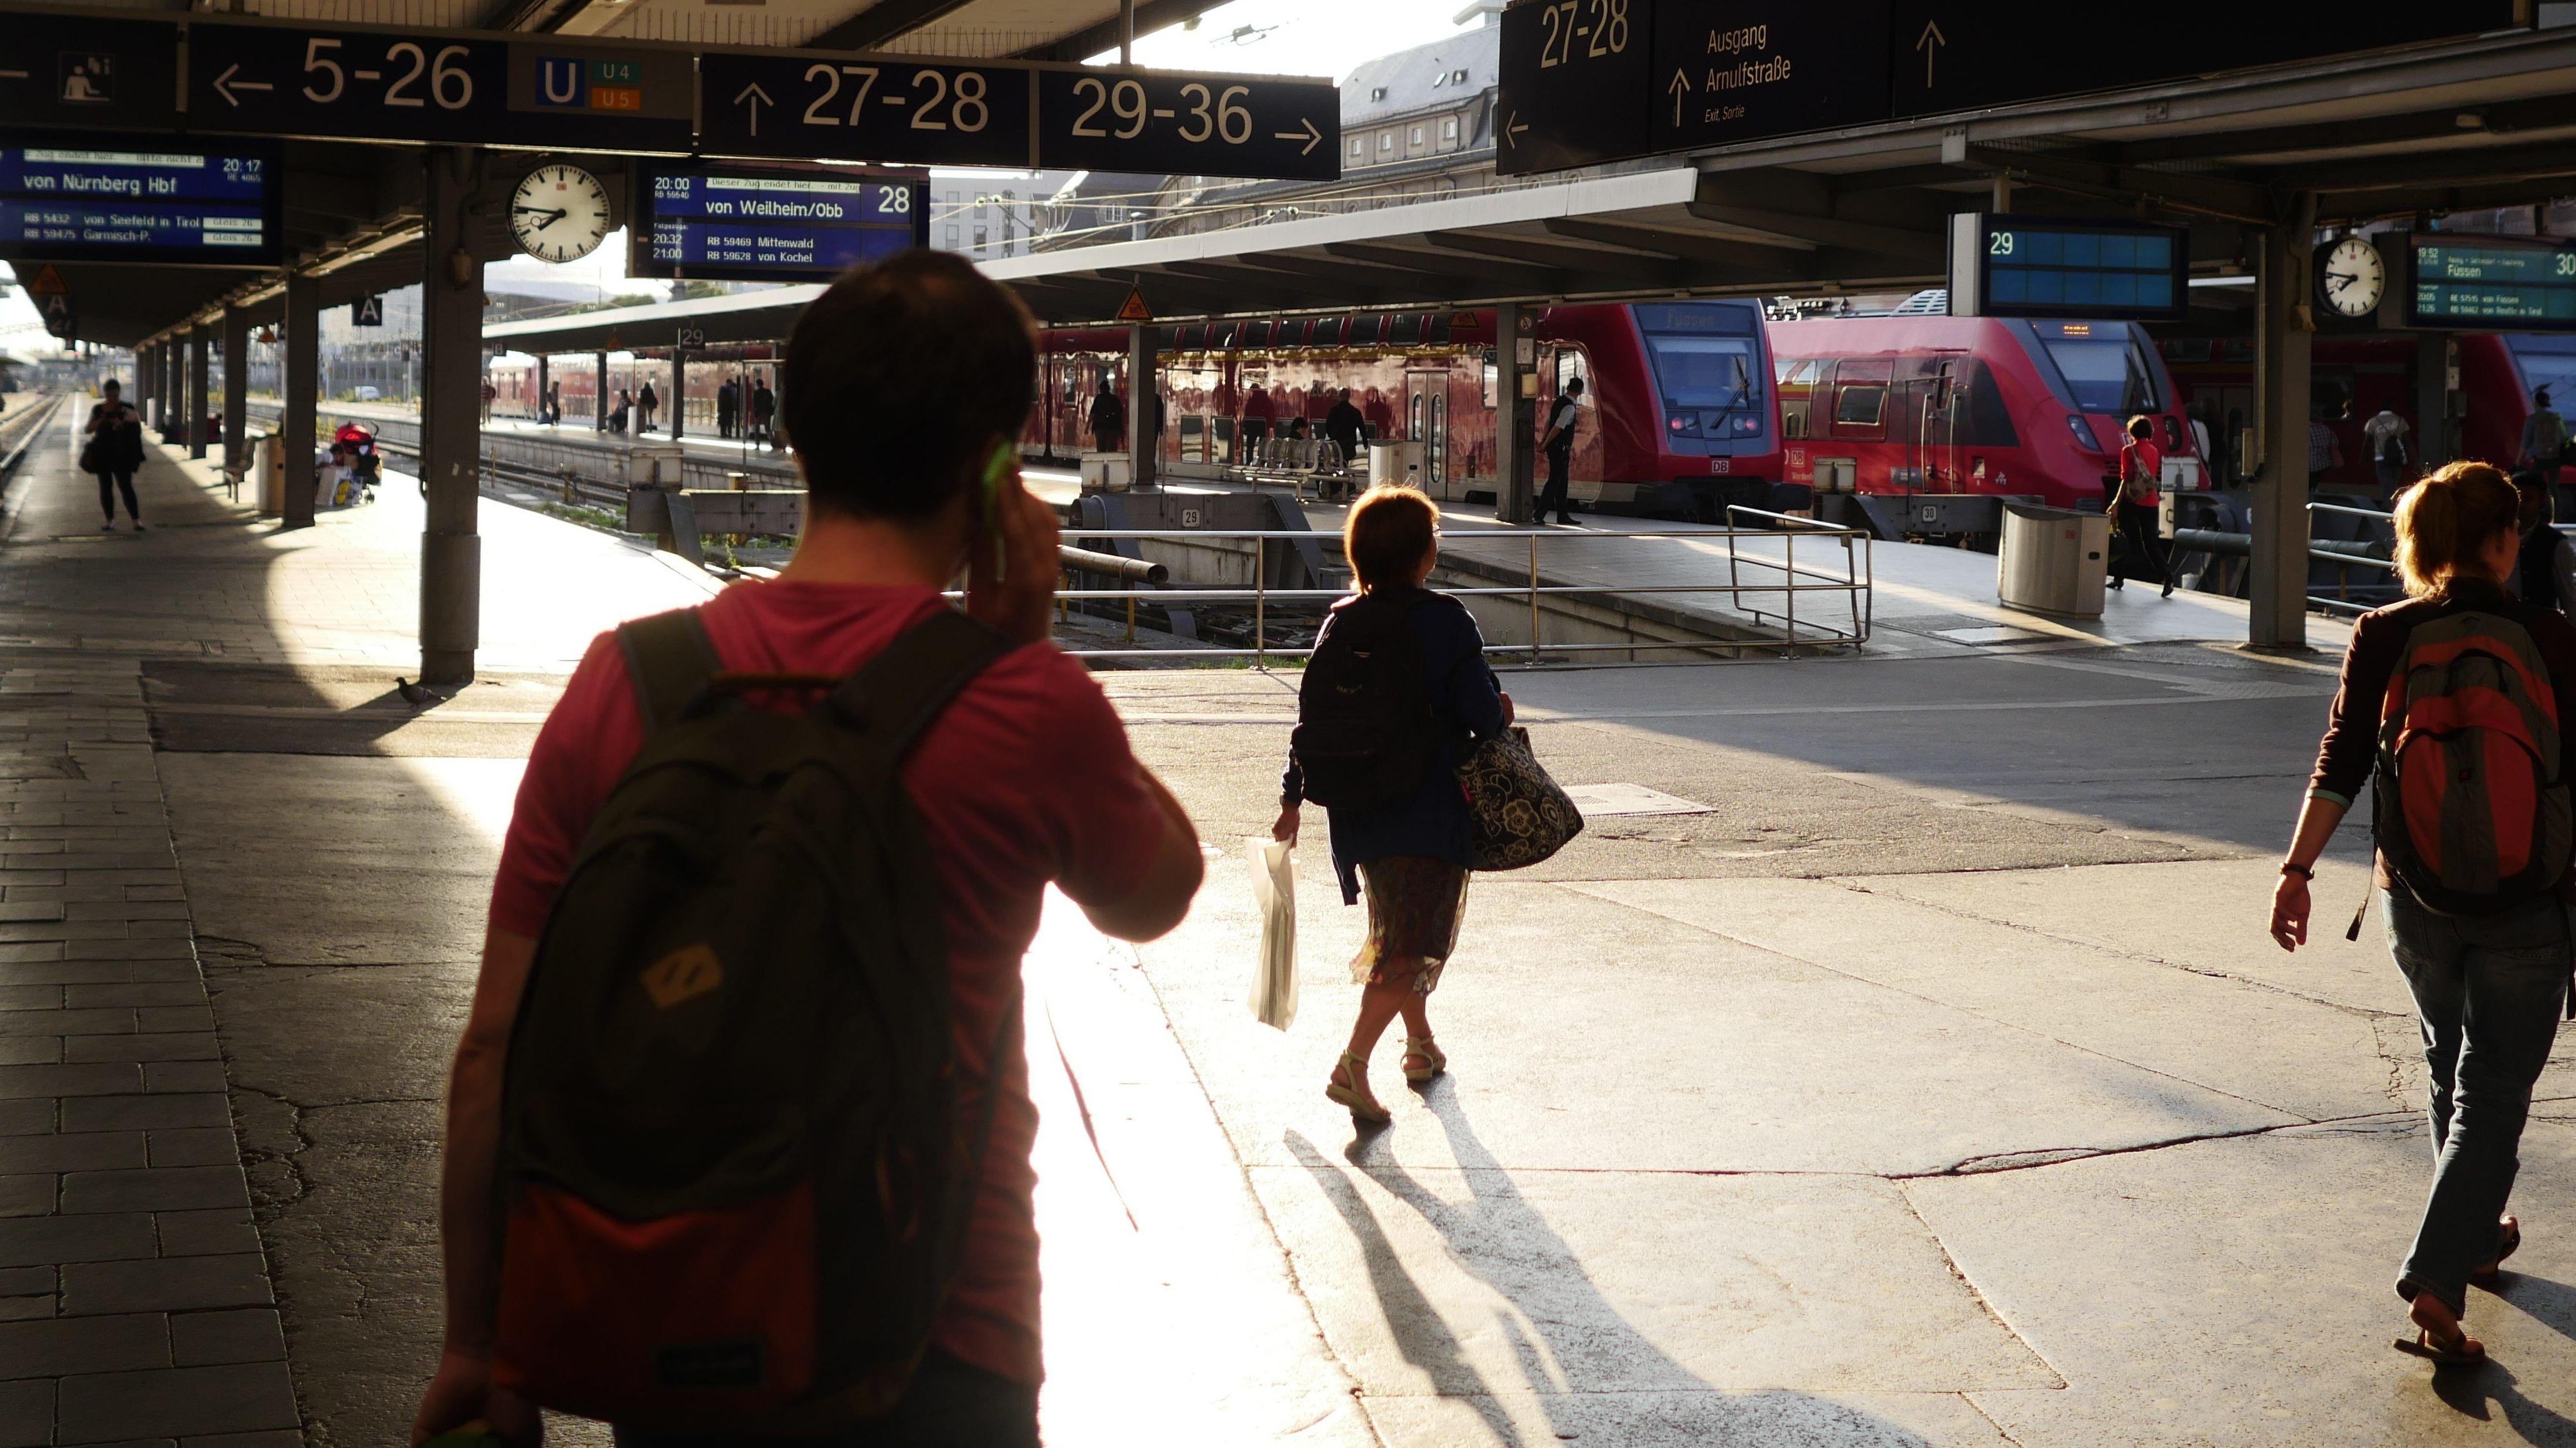 Mensch mit Handy an den Bahngleisen  Hauptbahnhof